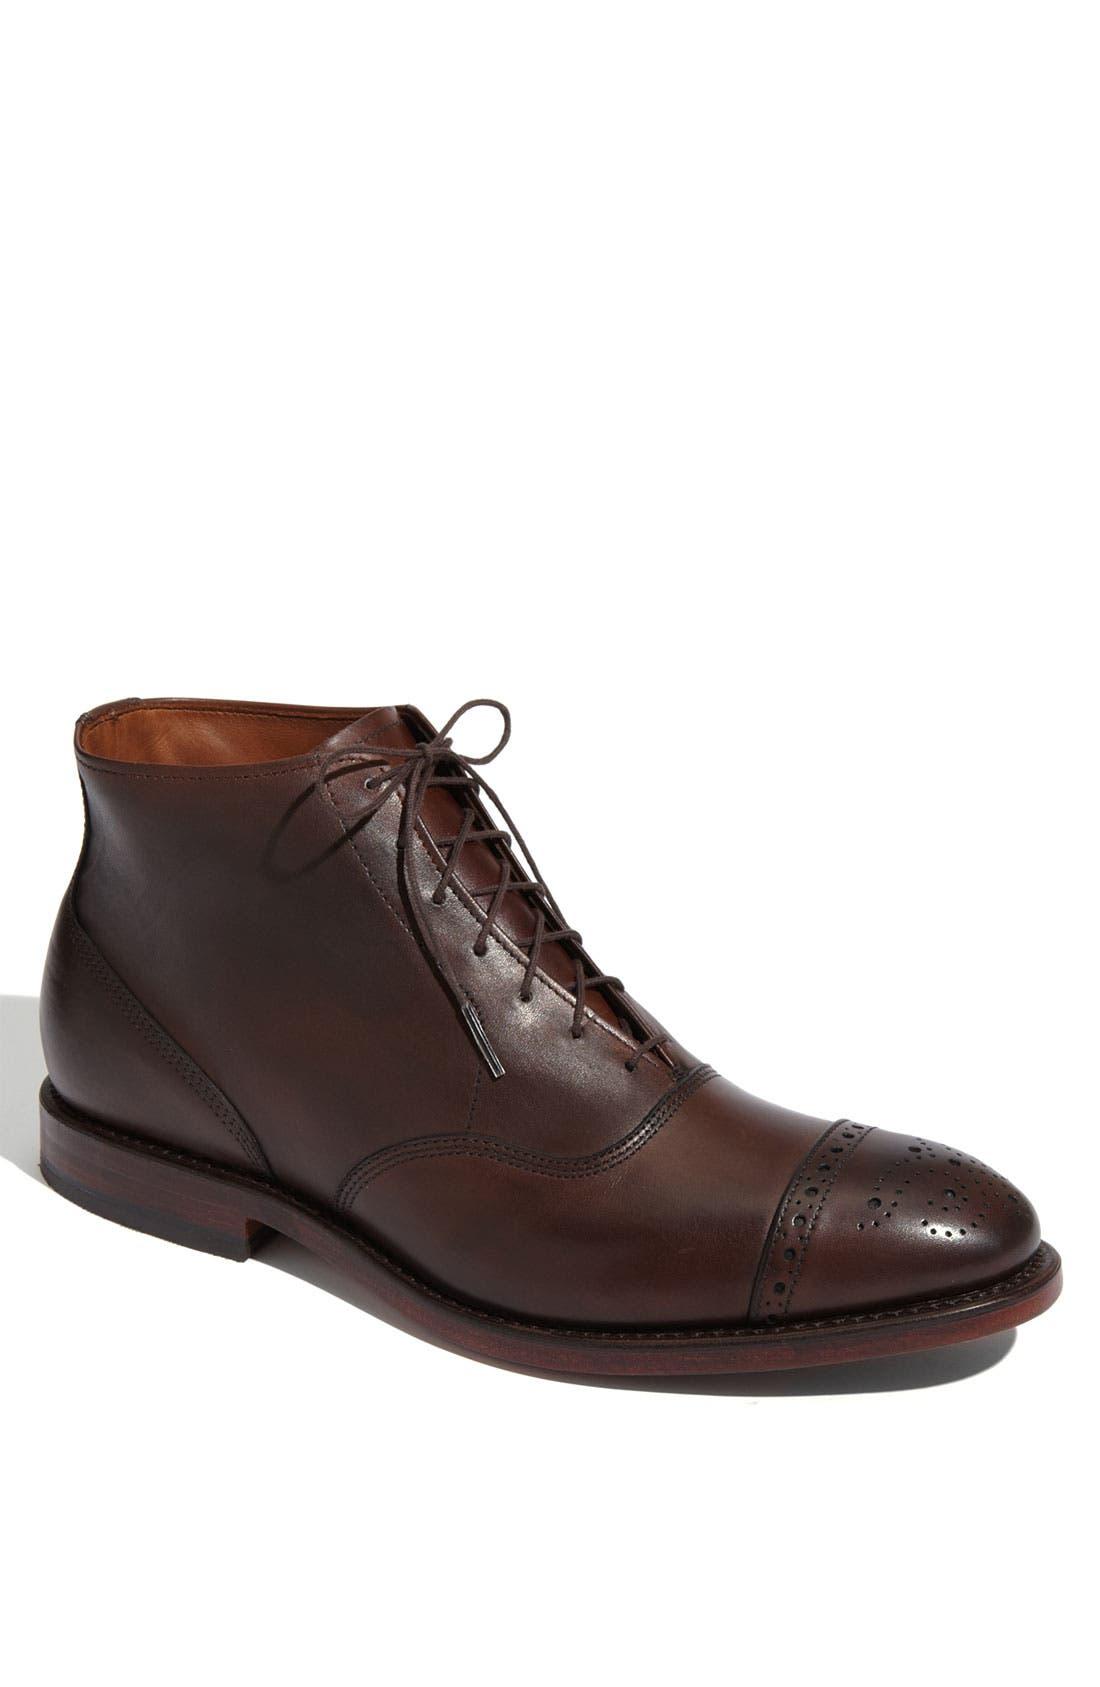 Alternate Image 1 Selected - Allen Edmonds 'Fifth Street' Boot (Men)